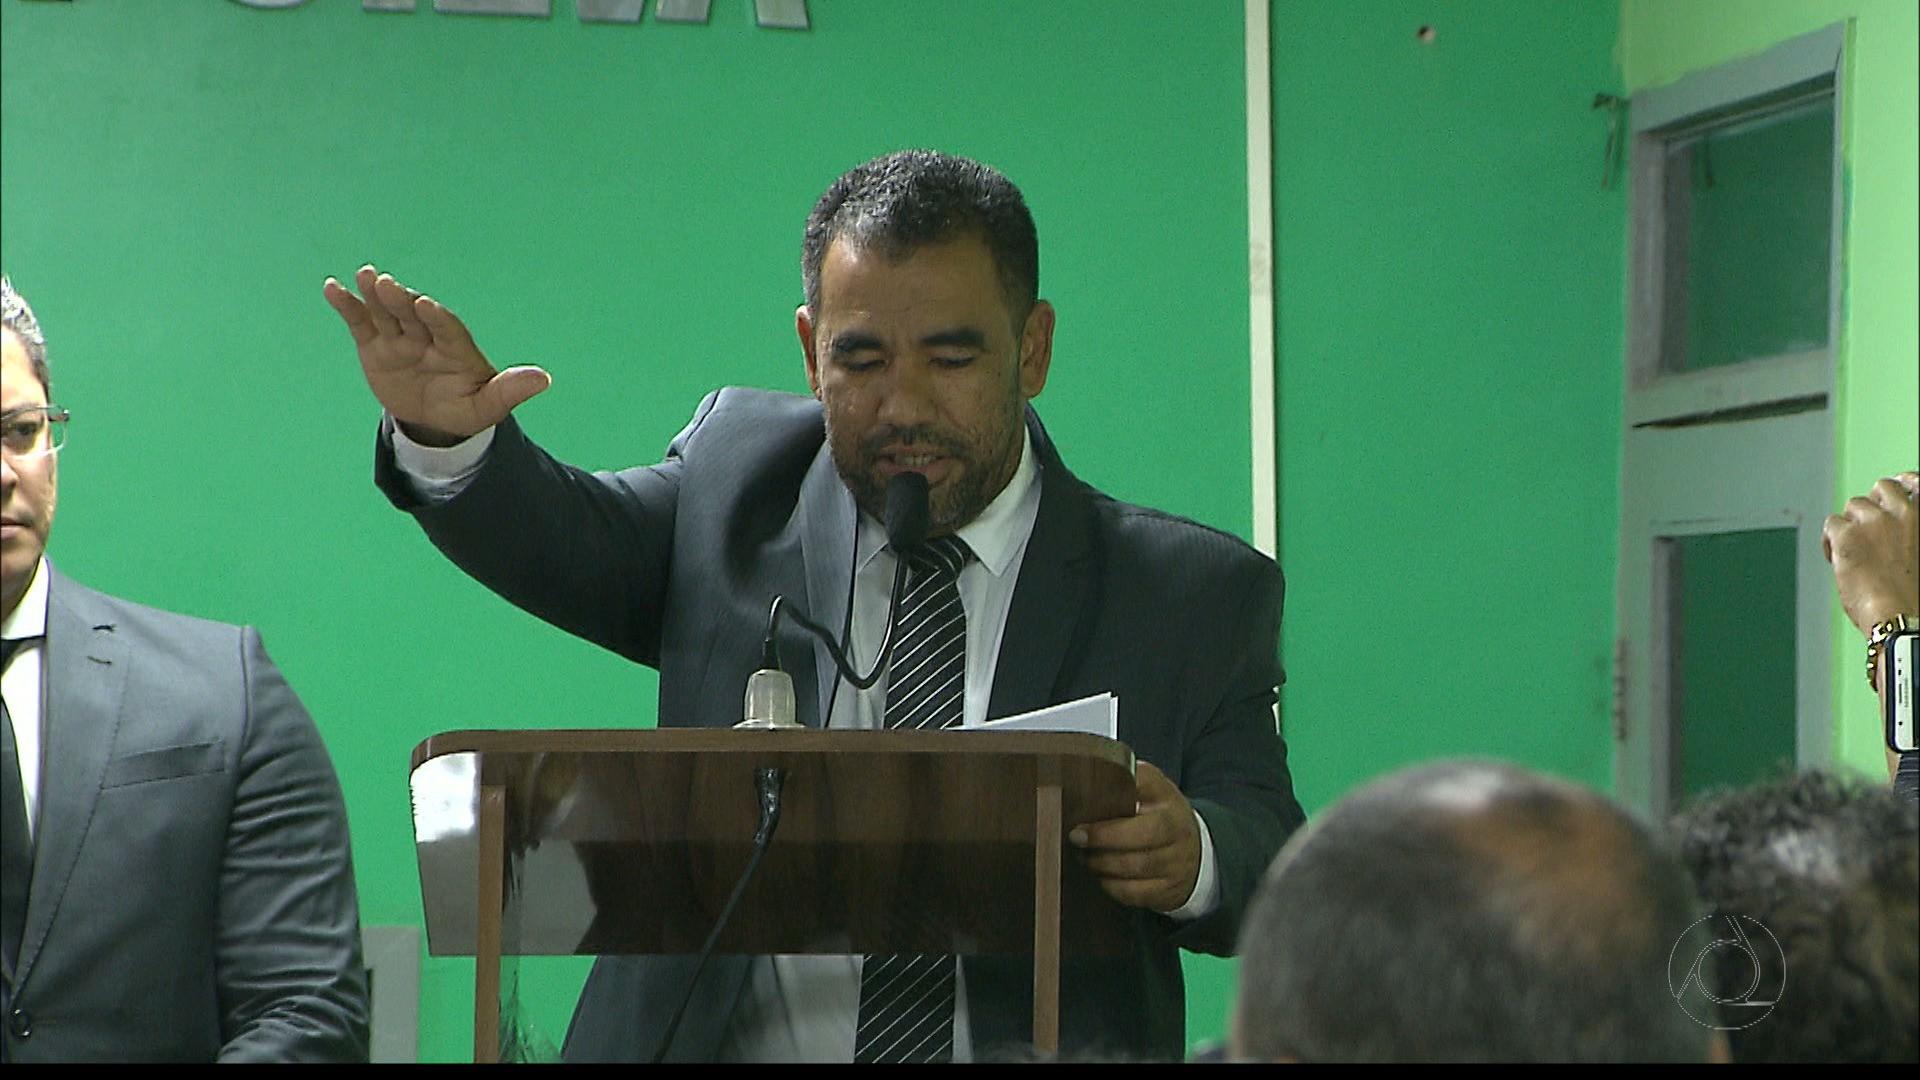 VÍDEOS: JPB 1ª Edição (TV Cabo Branco) de quinta-feira, 22 de março